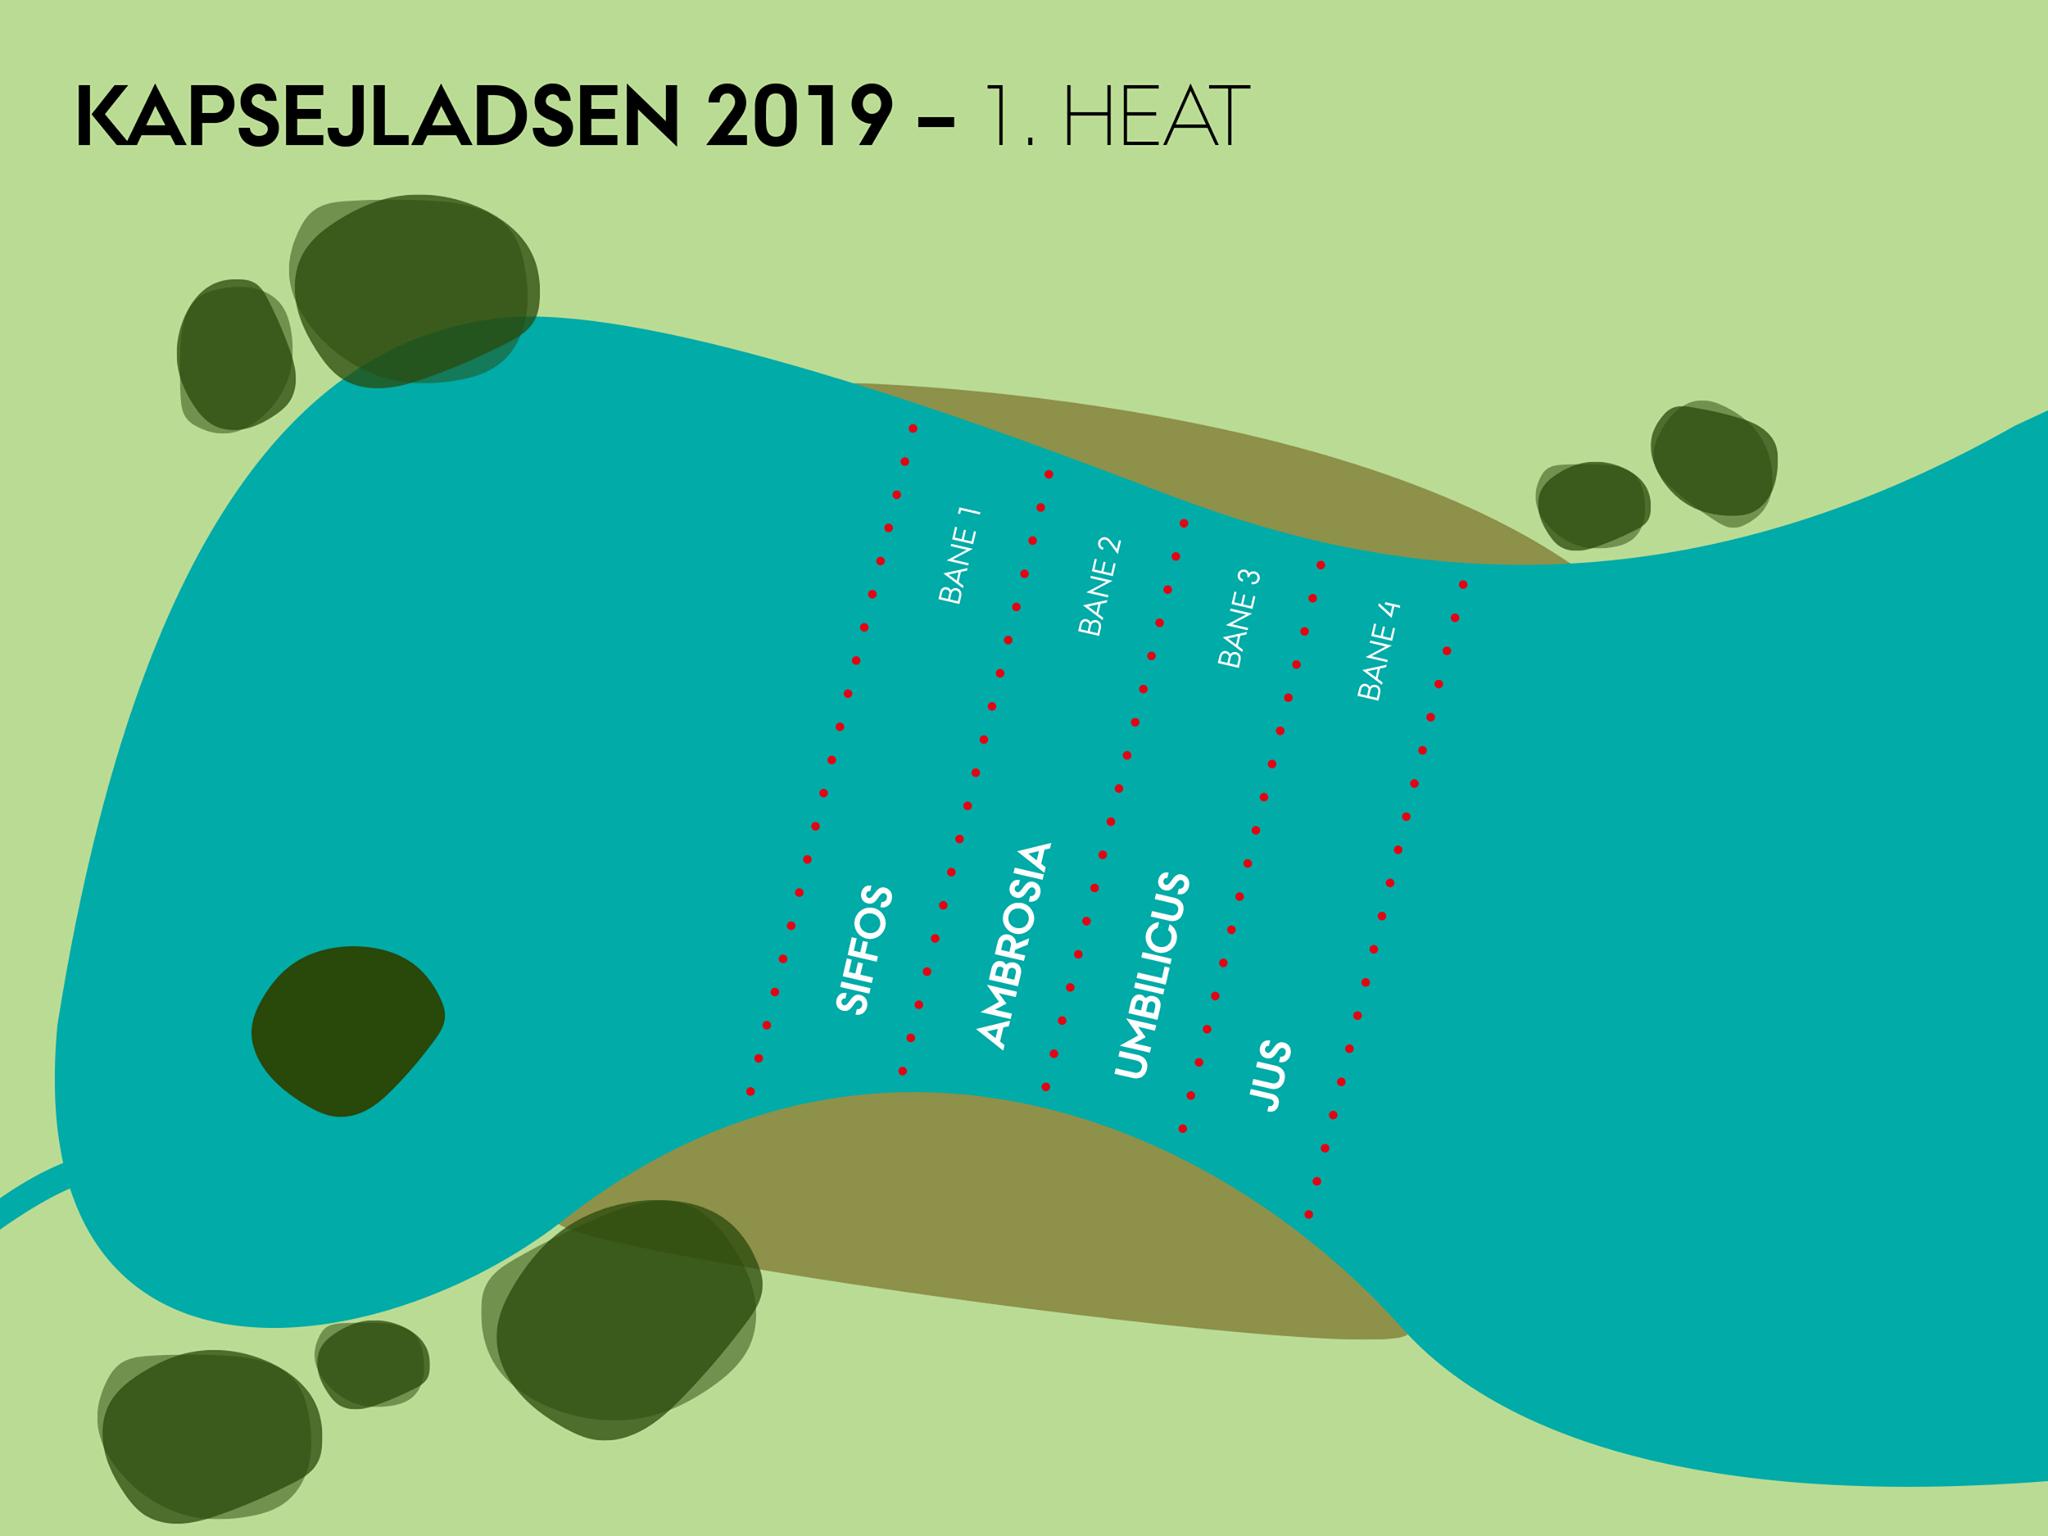 Oversigt over 1. heat ved Kapsejladsen 2019.